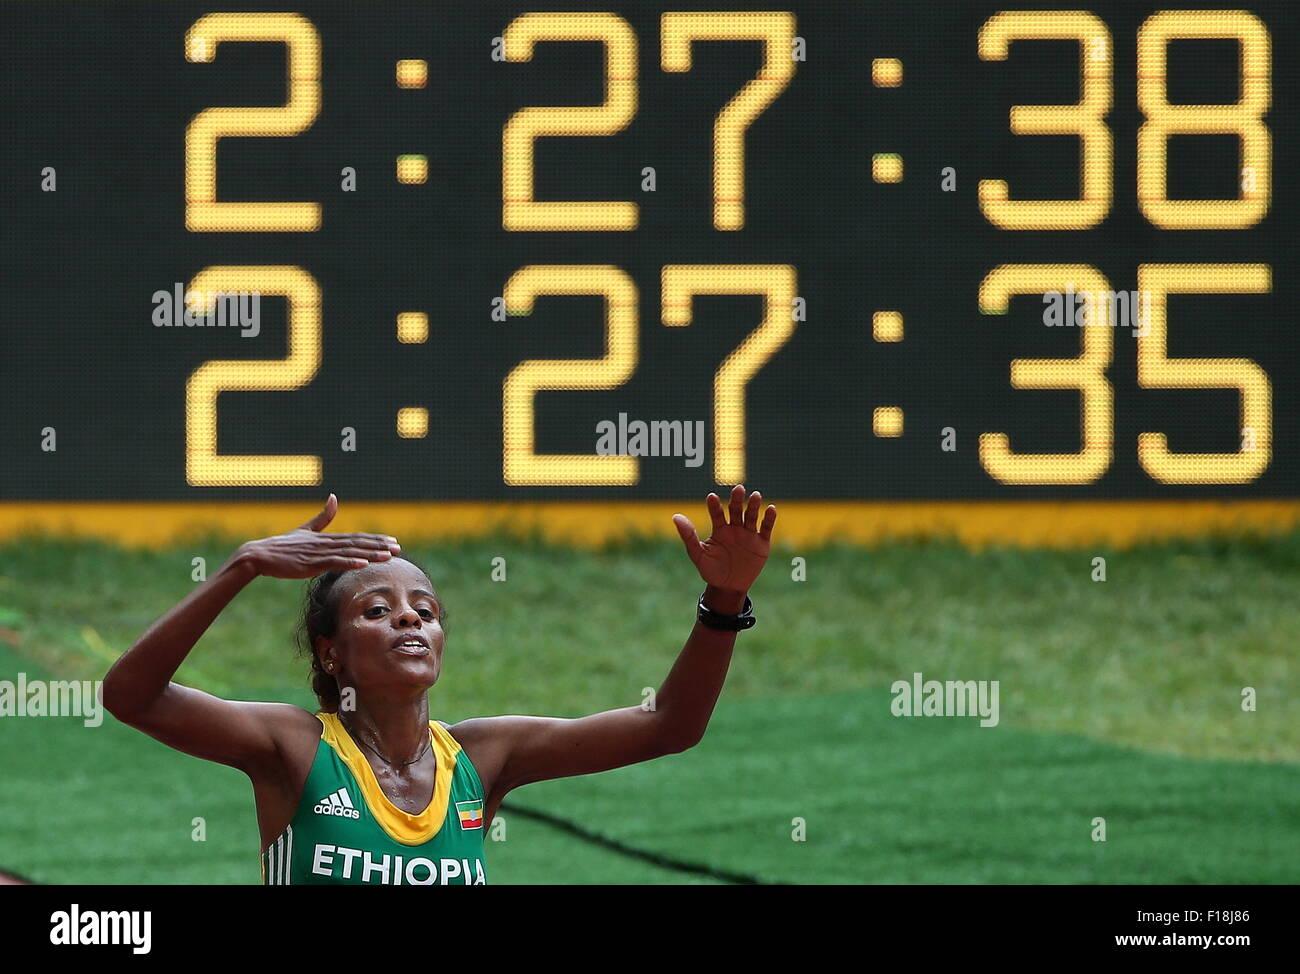 Peking, China. 30. August 2015. Äthiopiens Mare Dibaba gewinnt die Goldmedaille im Marathon der Frauen Finale Stockbild